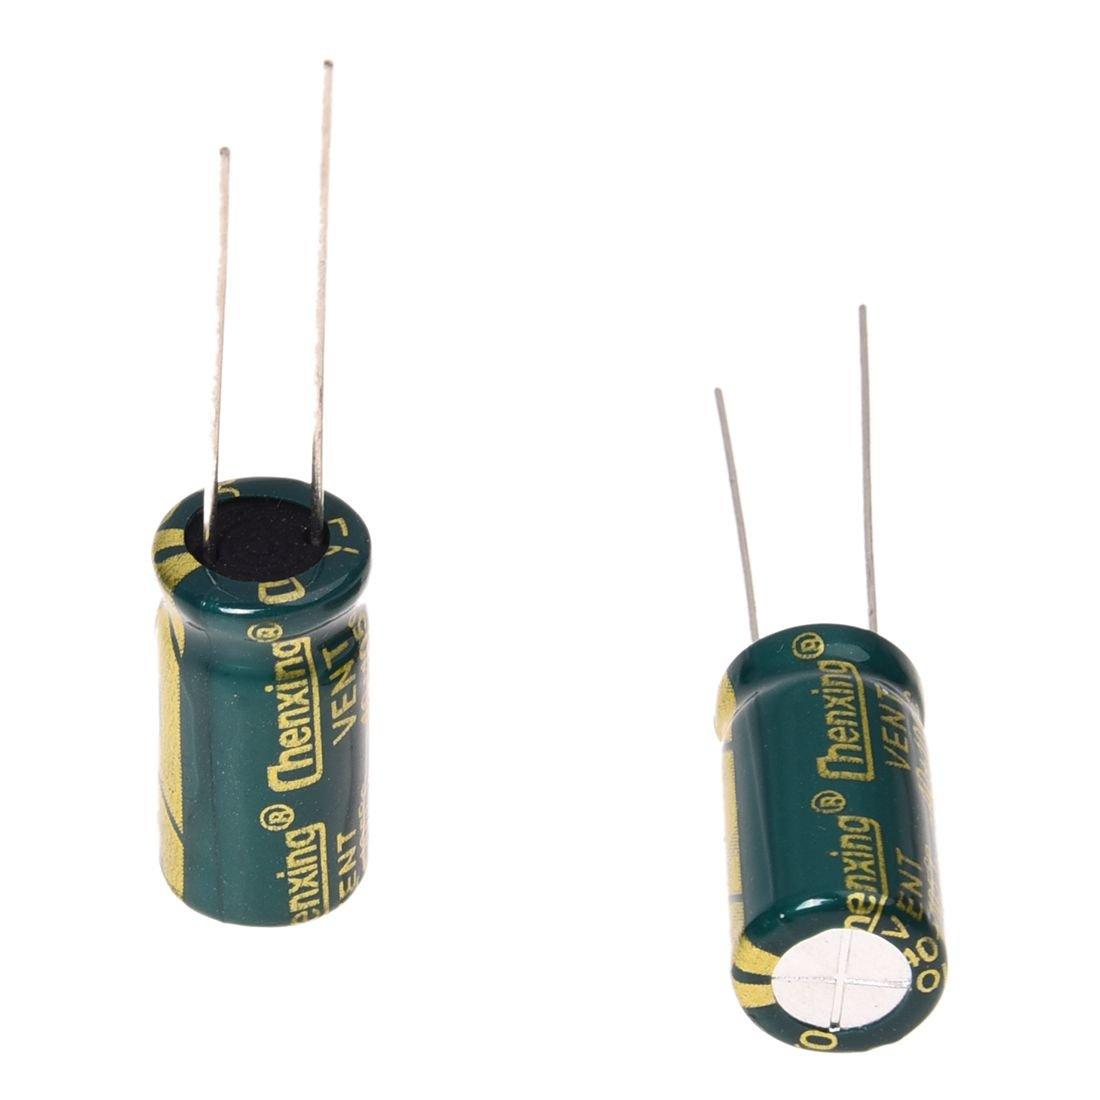 10pz 10V 3300uF madre condensatore elettrolitico radiale SODIAL Capacitor Radial R